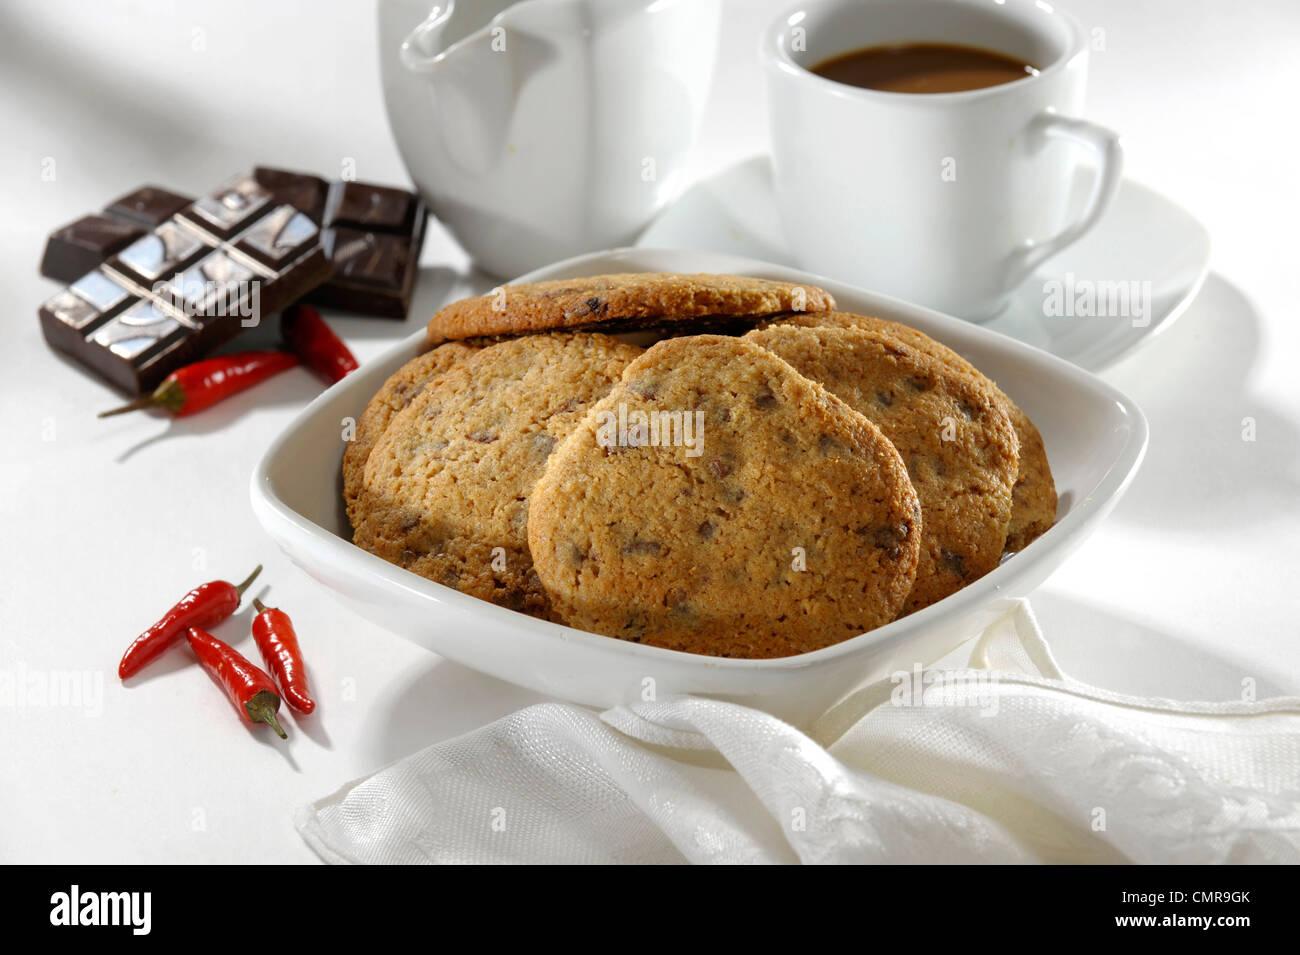 Chili chocolate cookie Imagen De Stock